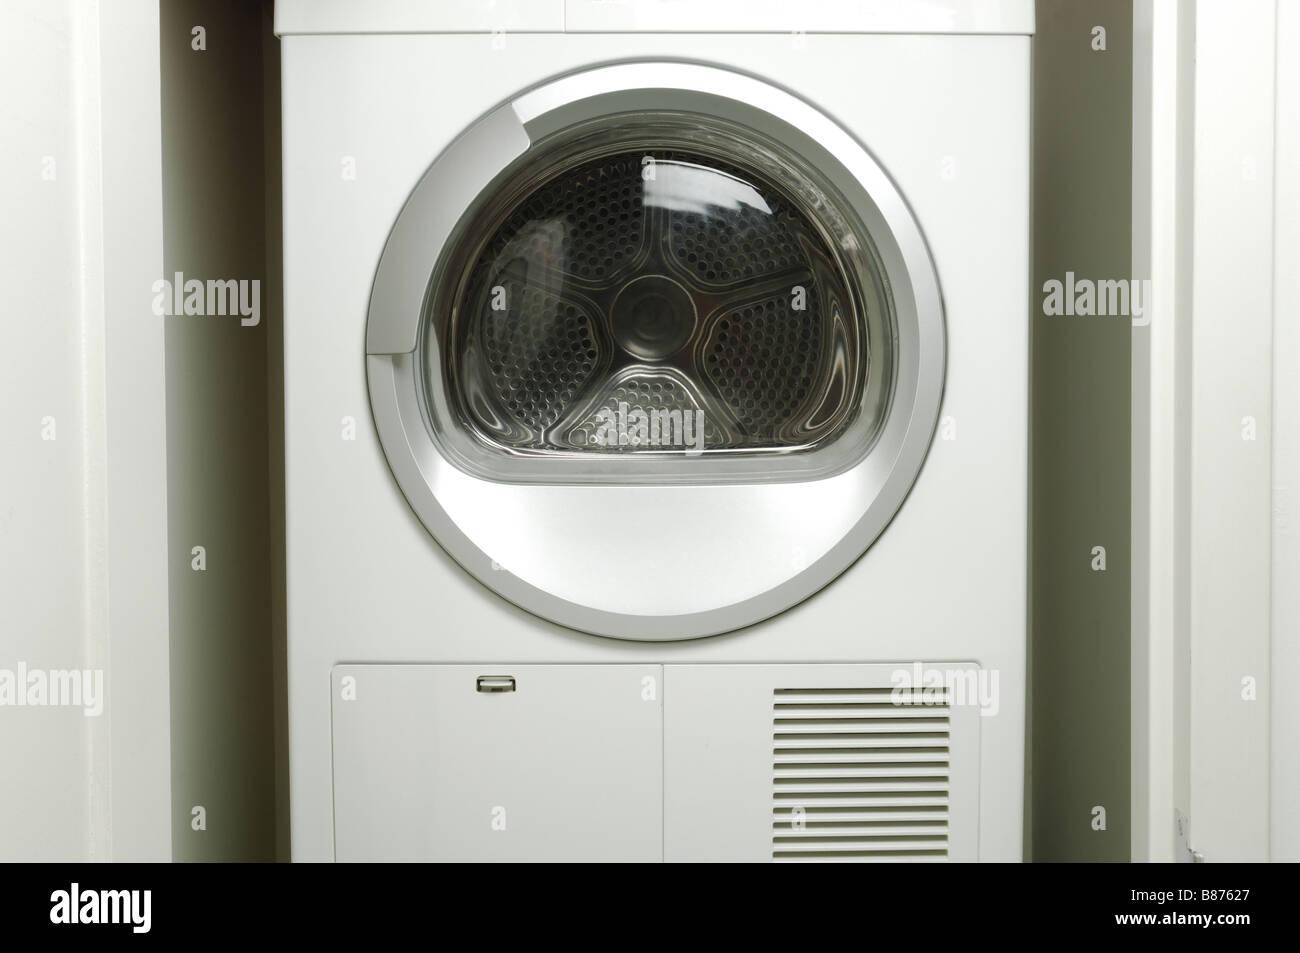 Eine leere Waschmaschine Wäschetrockner Stockbild